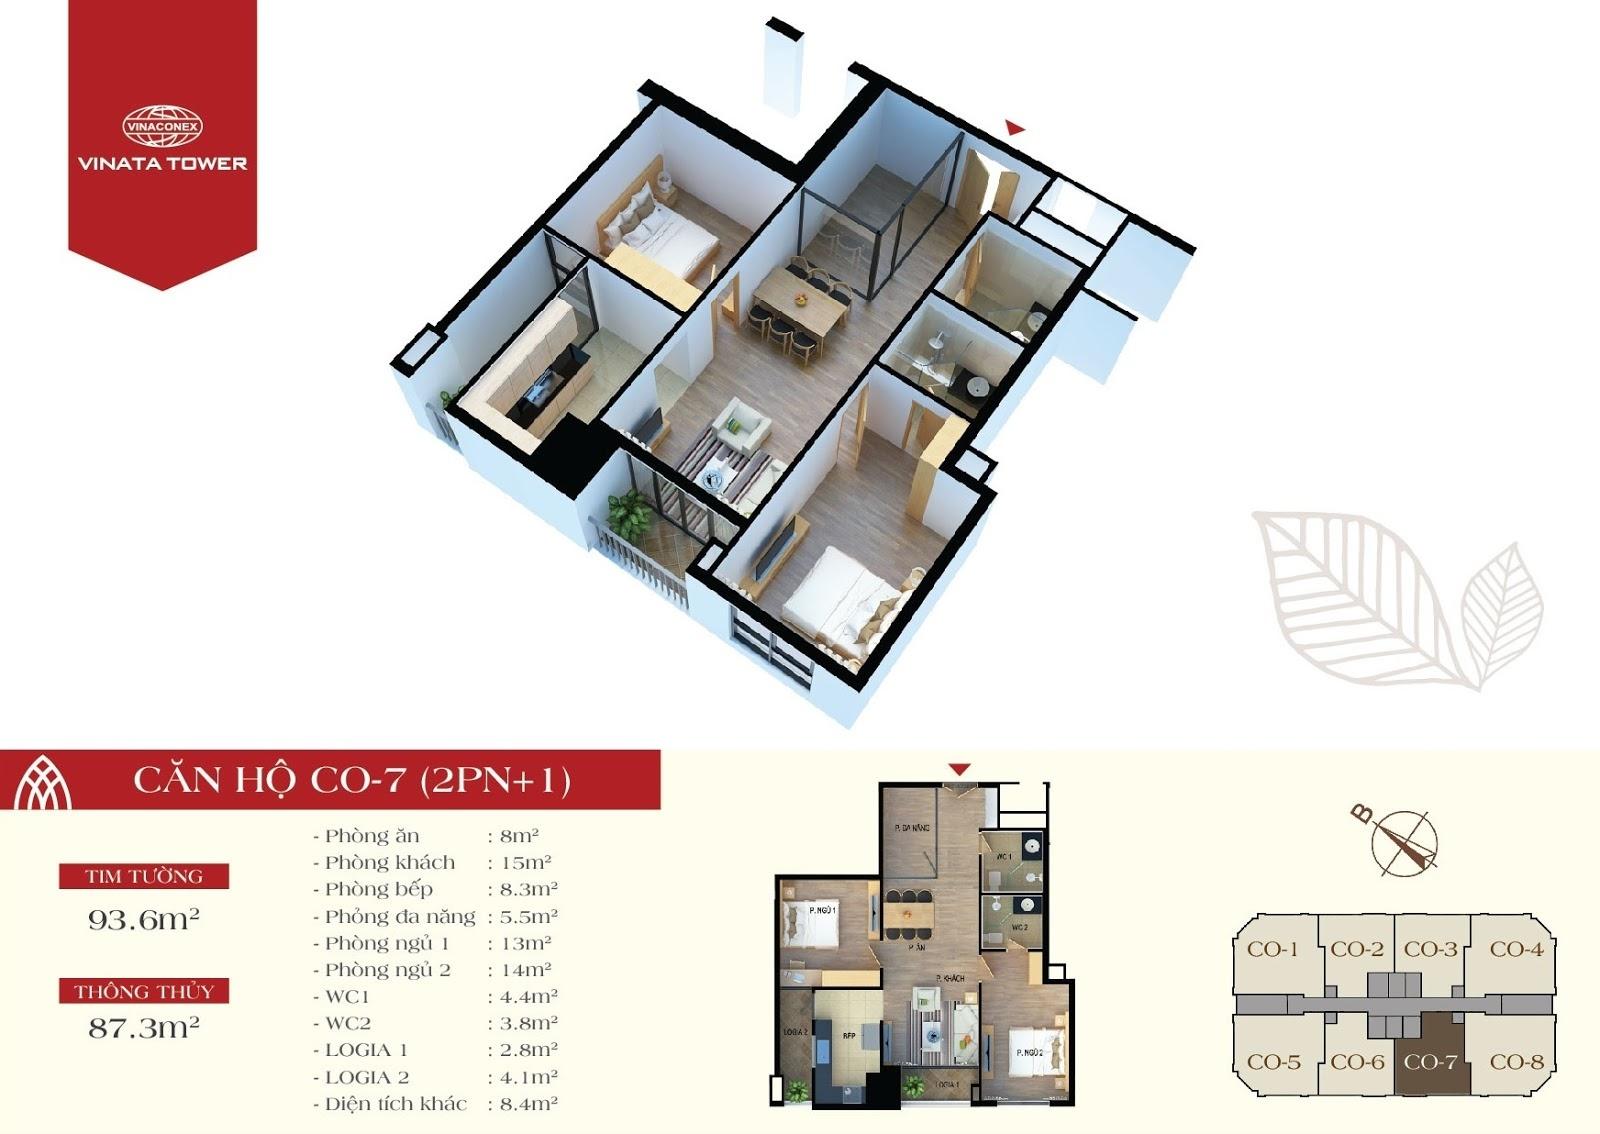 thiết kế vinata tower căn hộ CO7